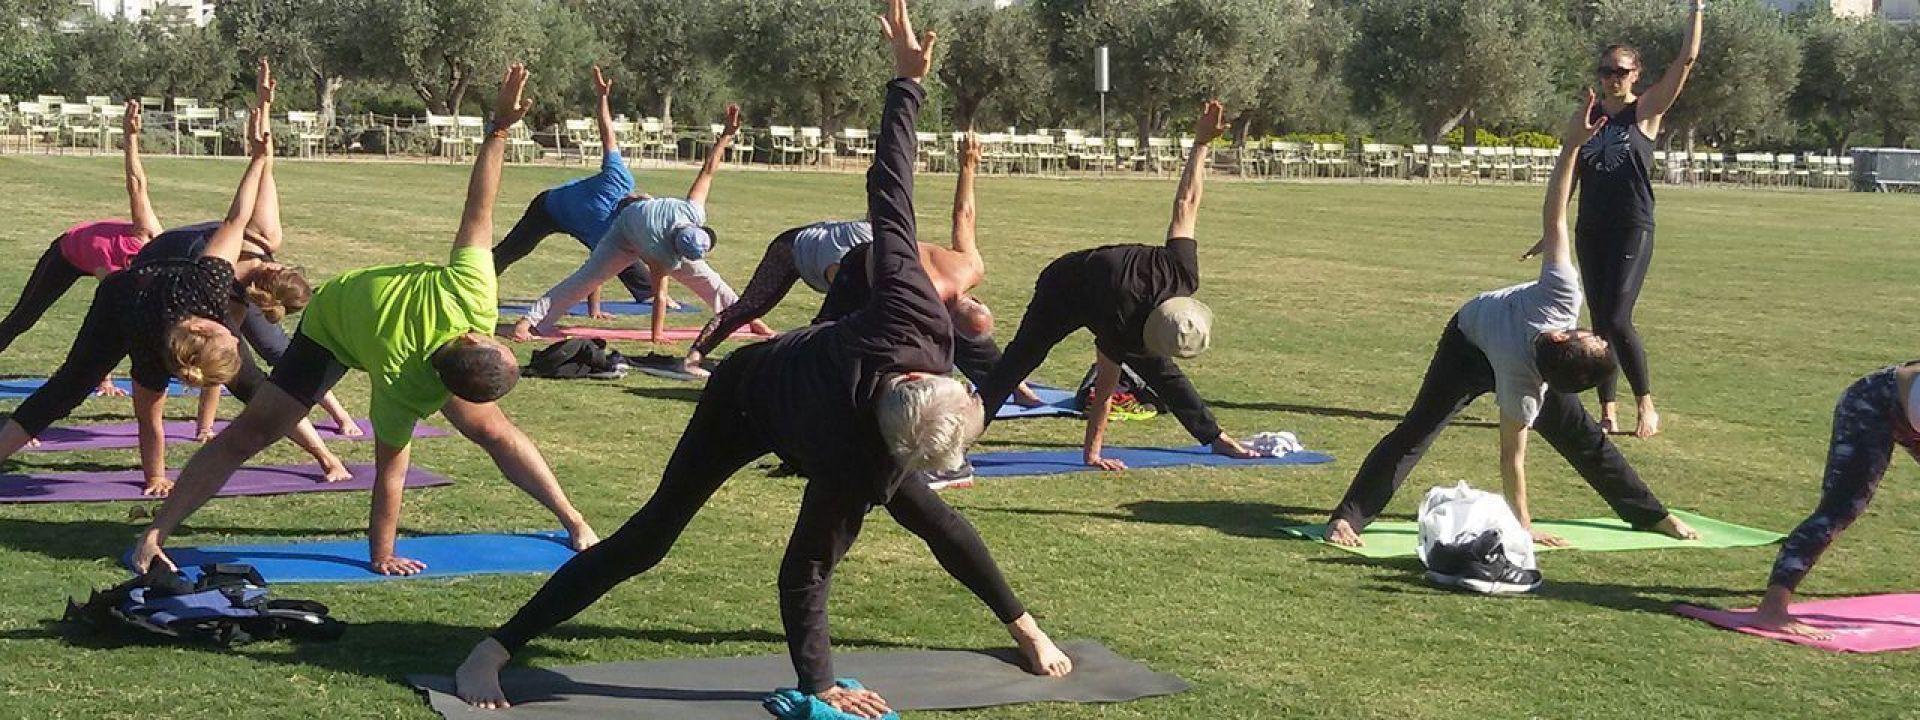 Φωτογραφία που απεικονίζει τη δραστηριότητα yoga